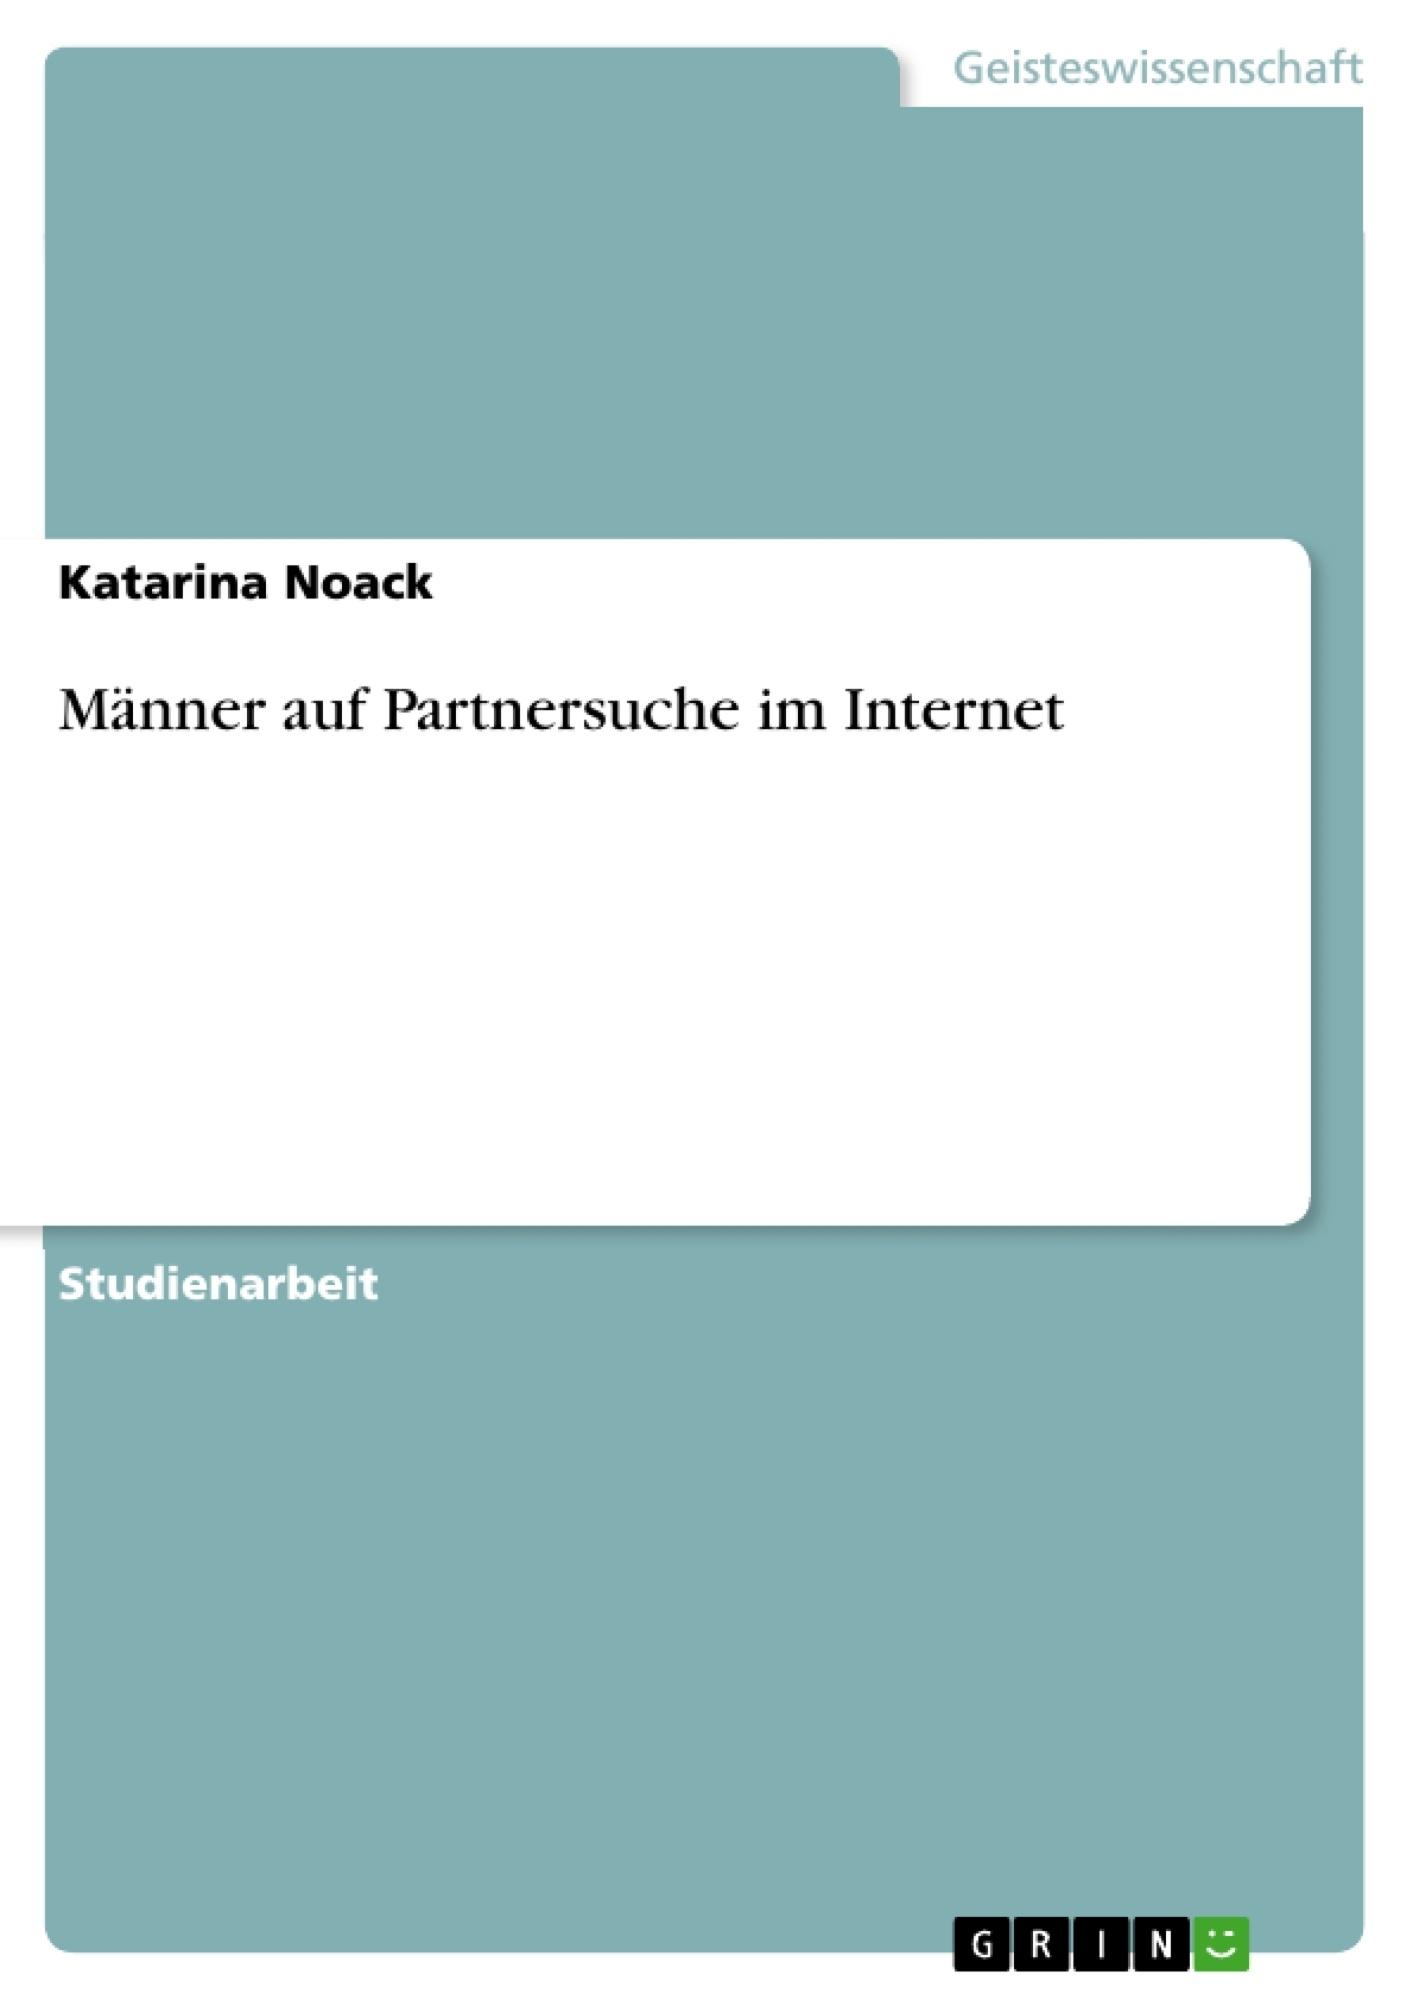 Hausarbeit partnersuche im internet